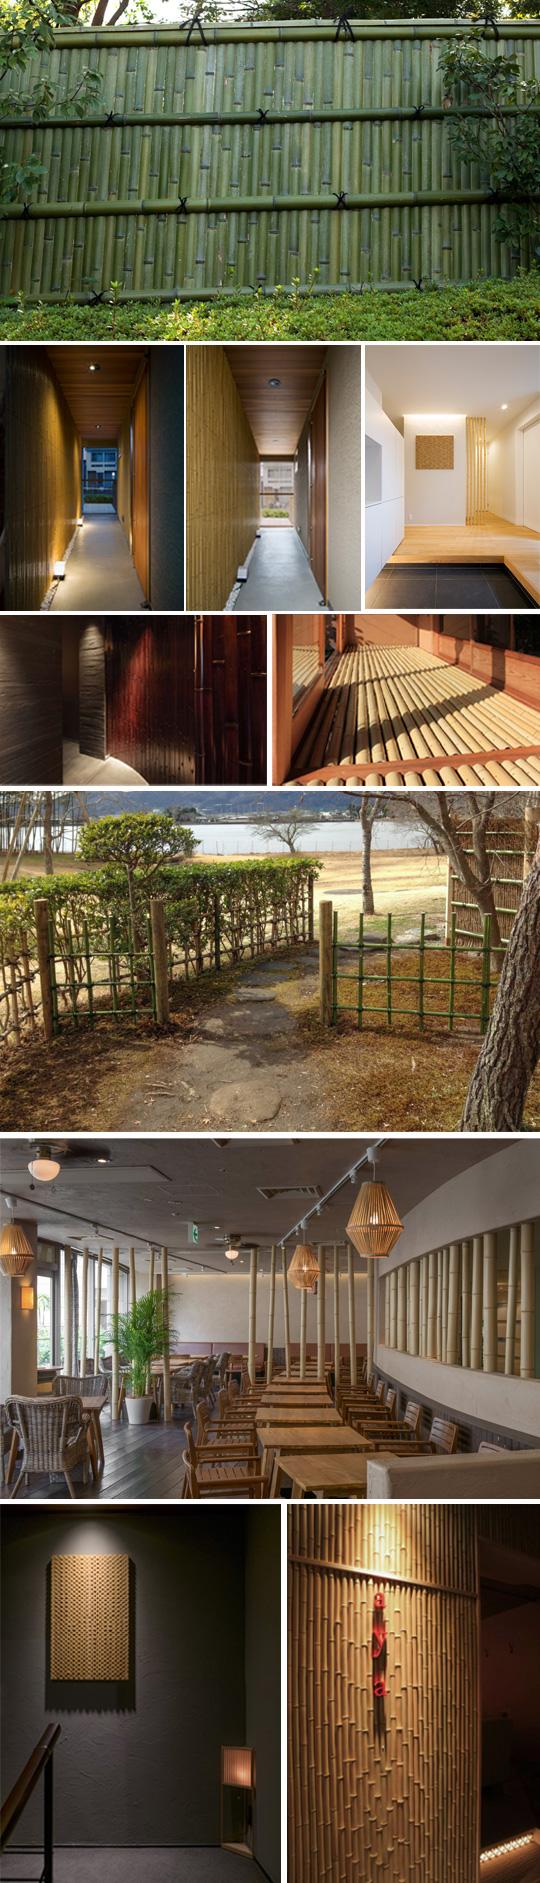 熟練の手を加えた竹で造られた様々な施工例をご紹介。